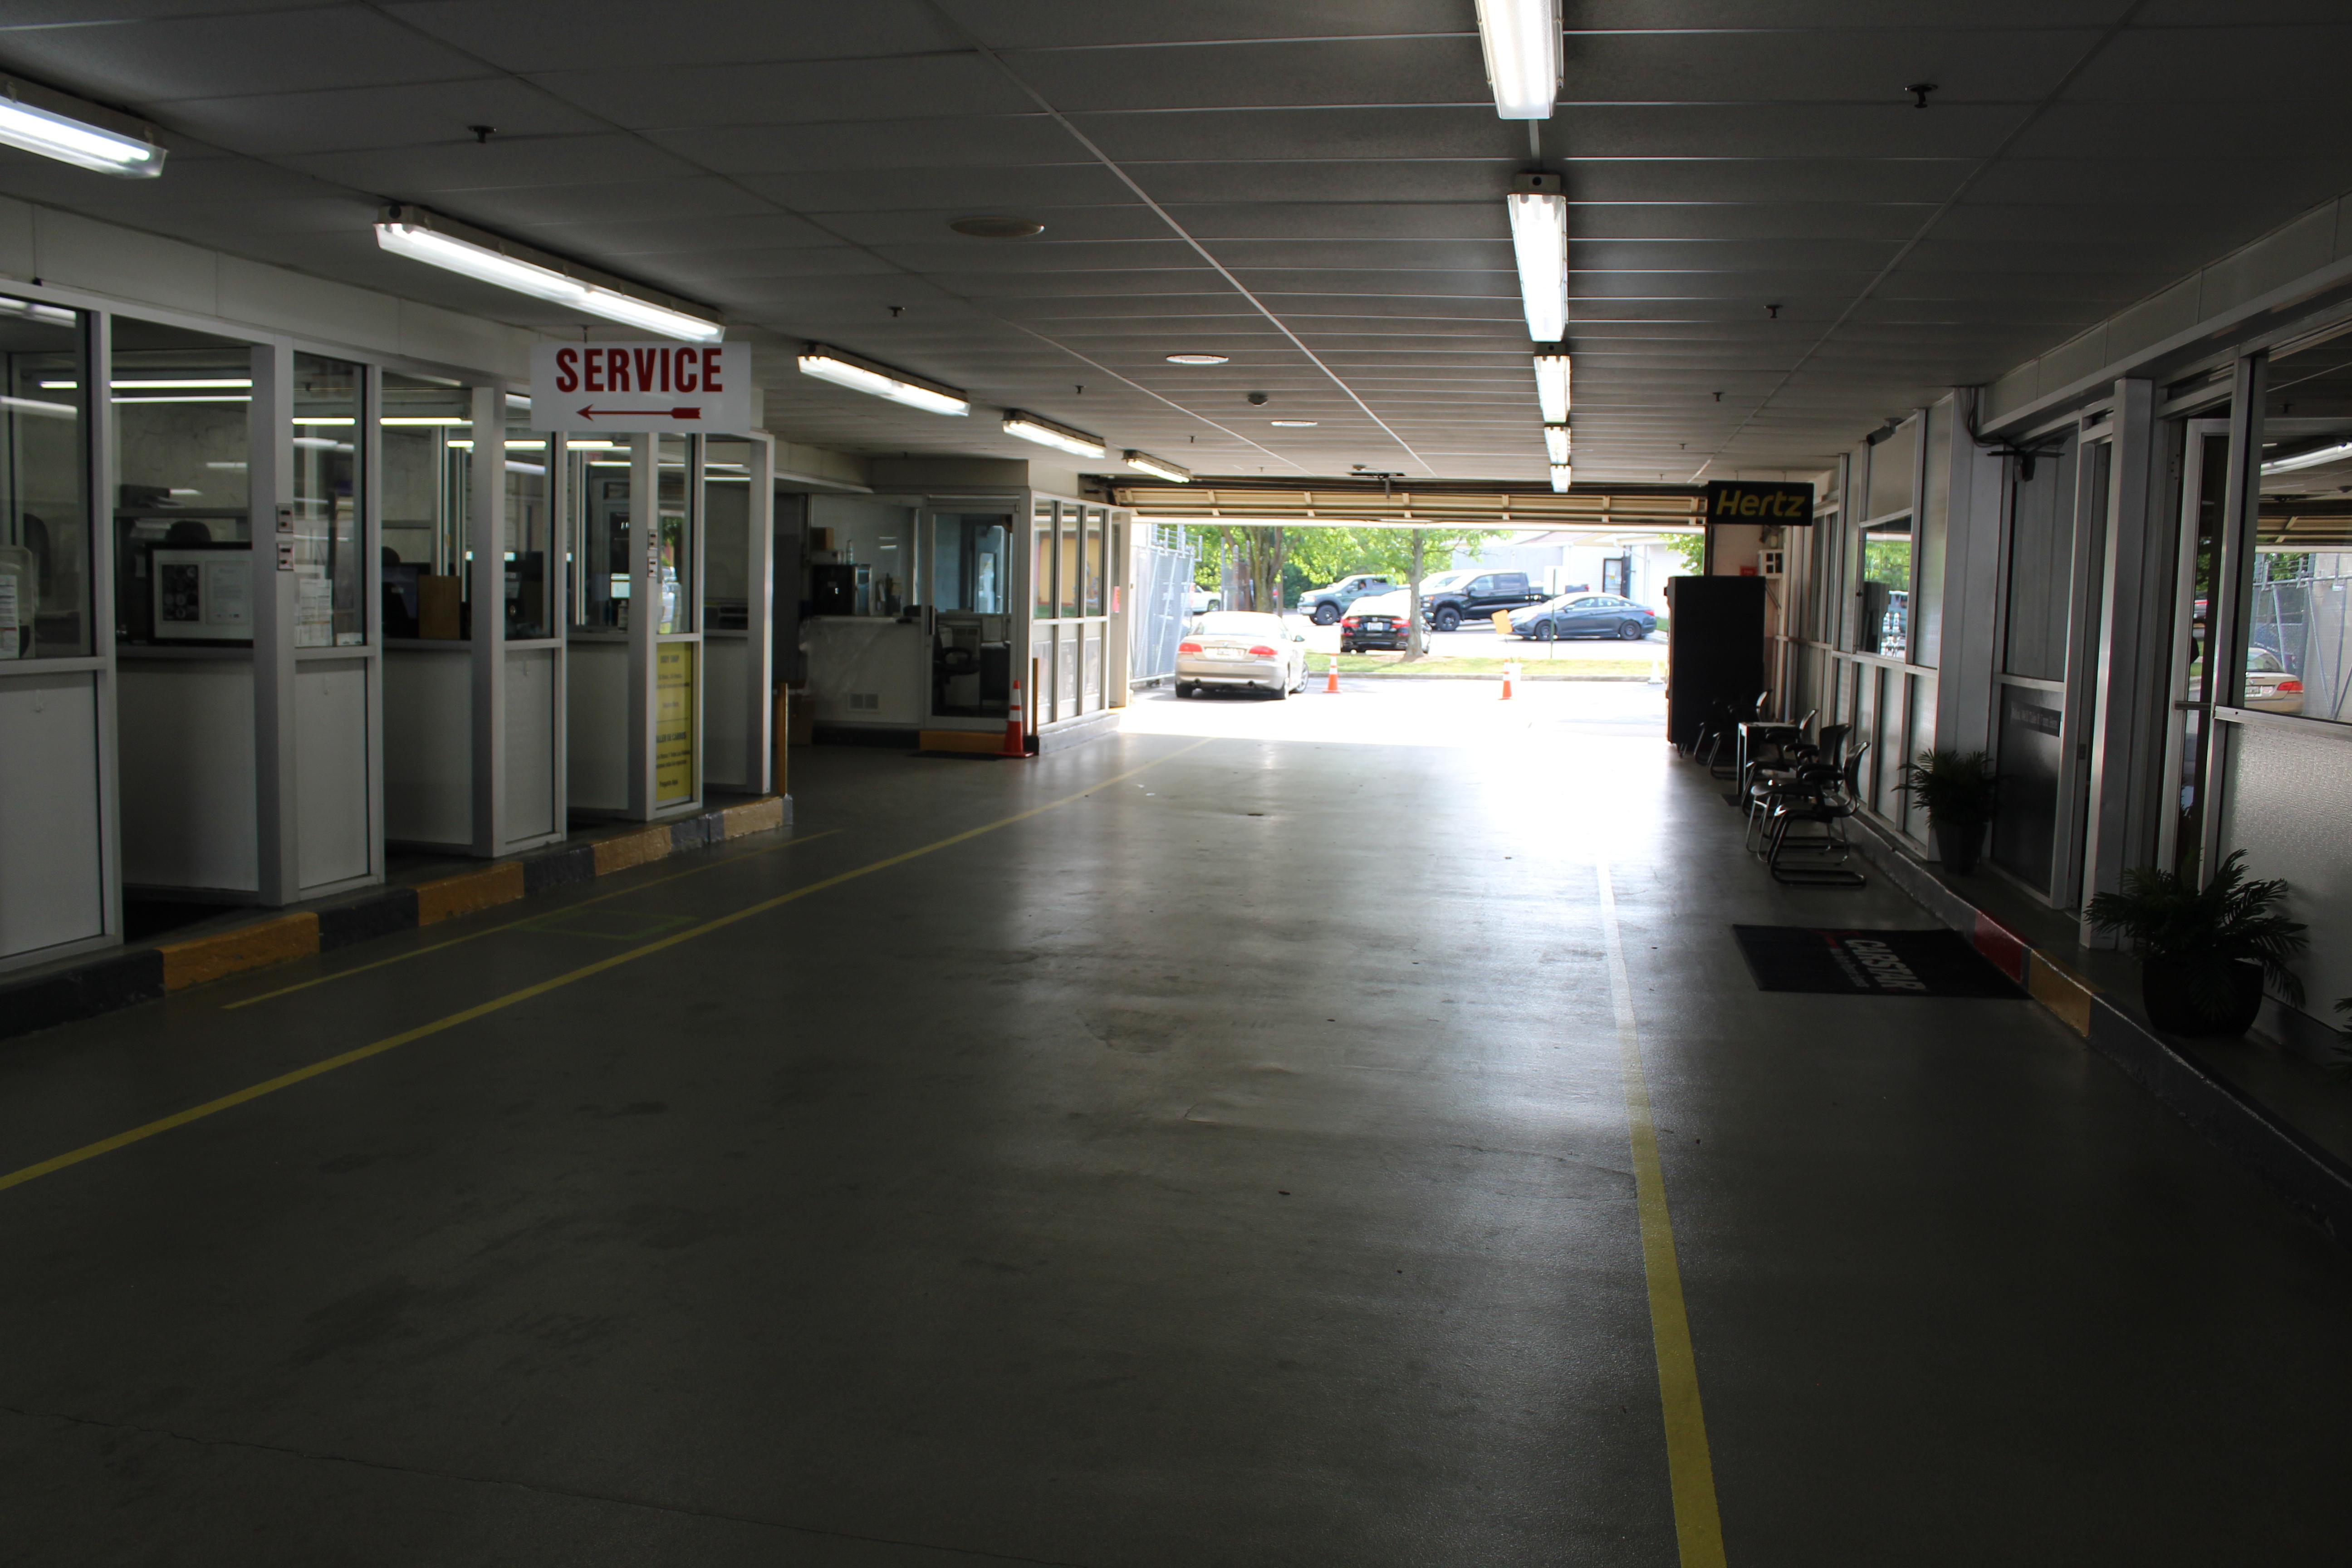 Carstar | Service Drive